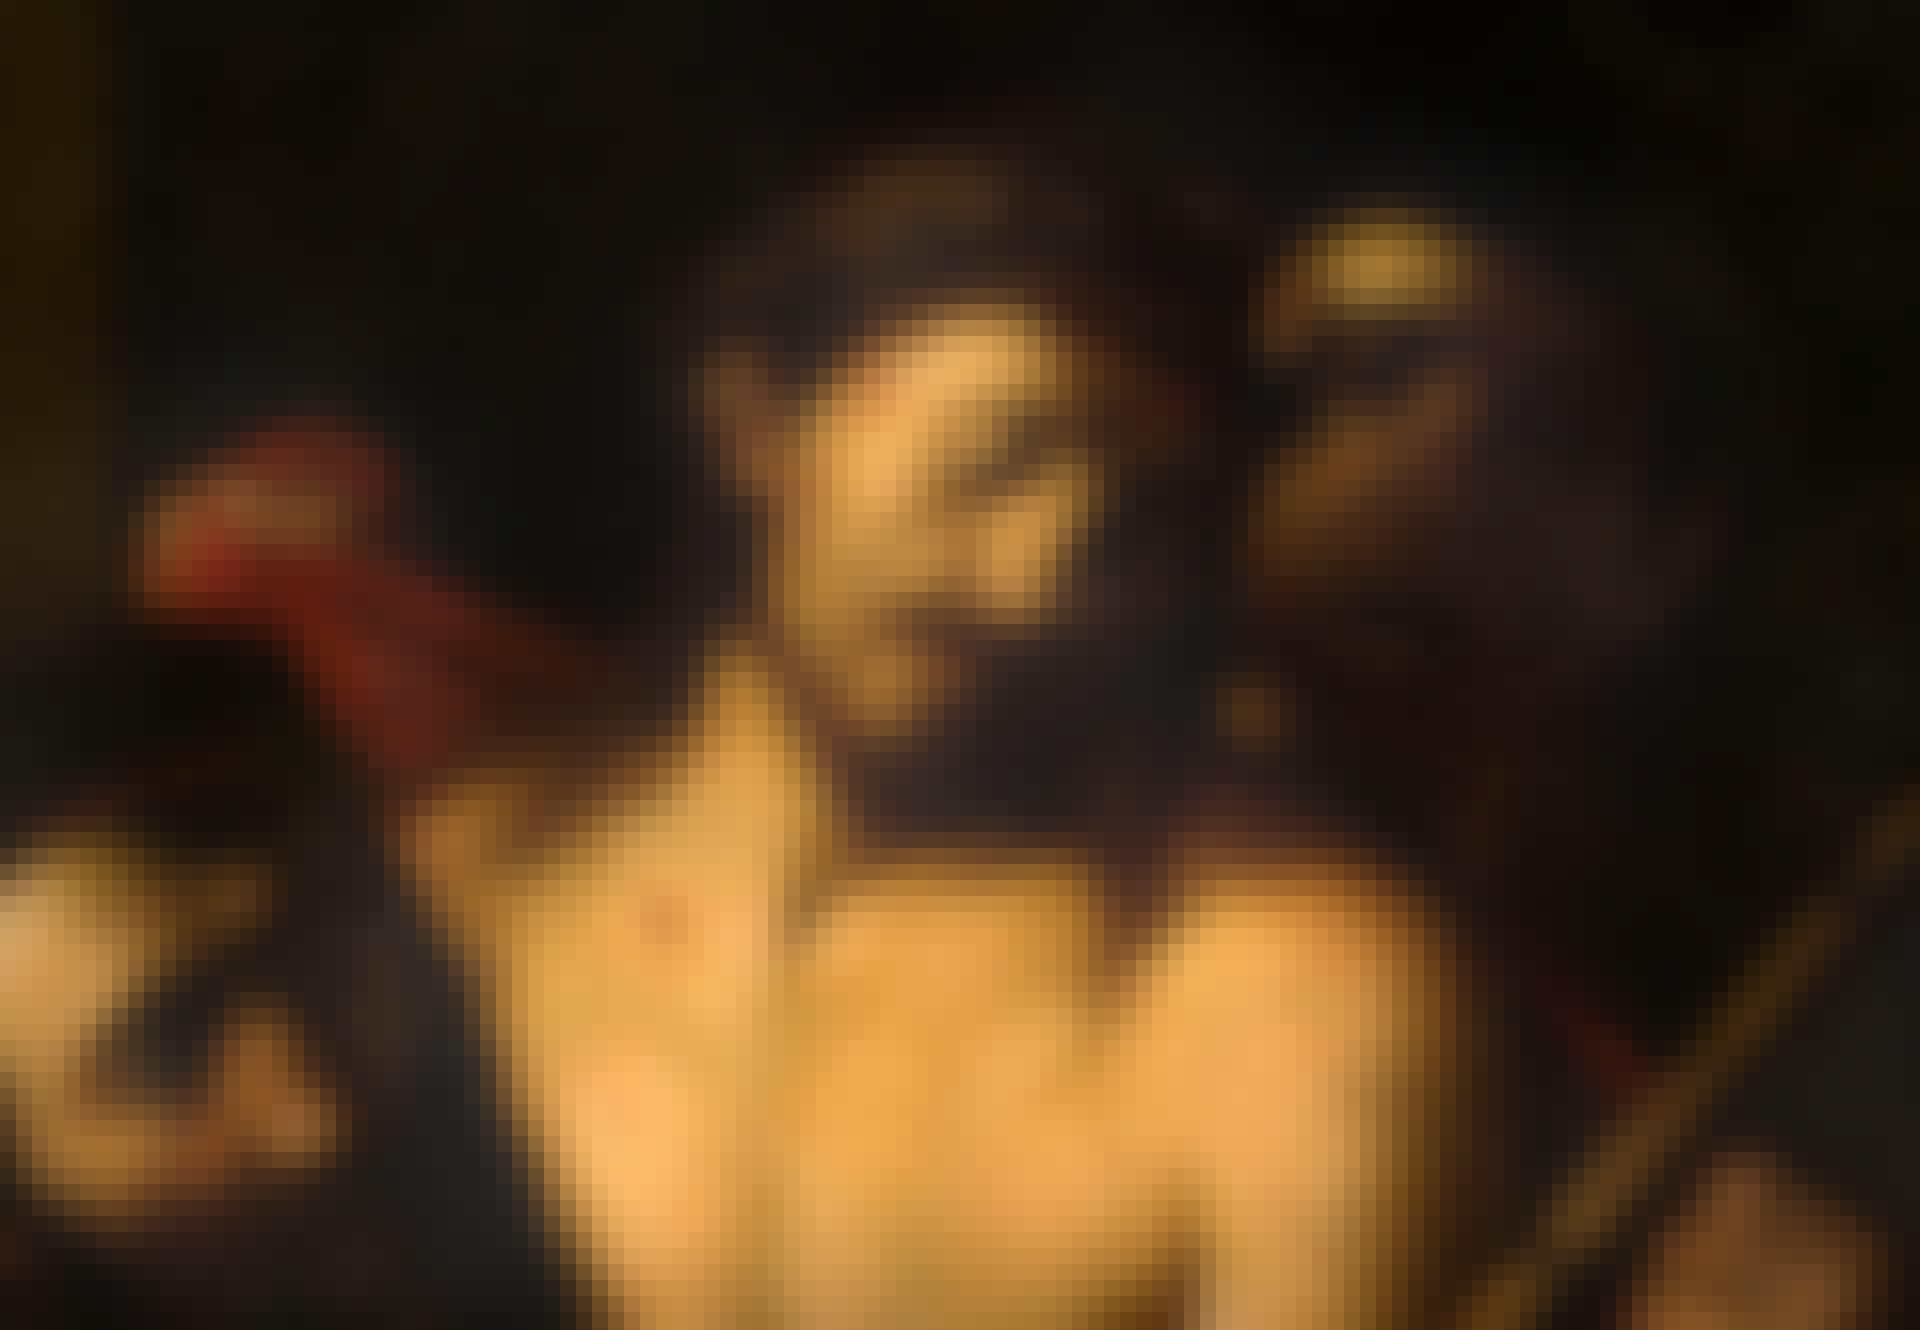 Caravaggio, Kroning med torner